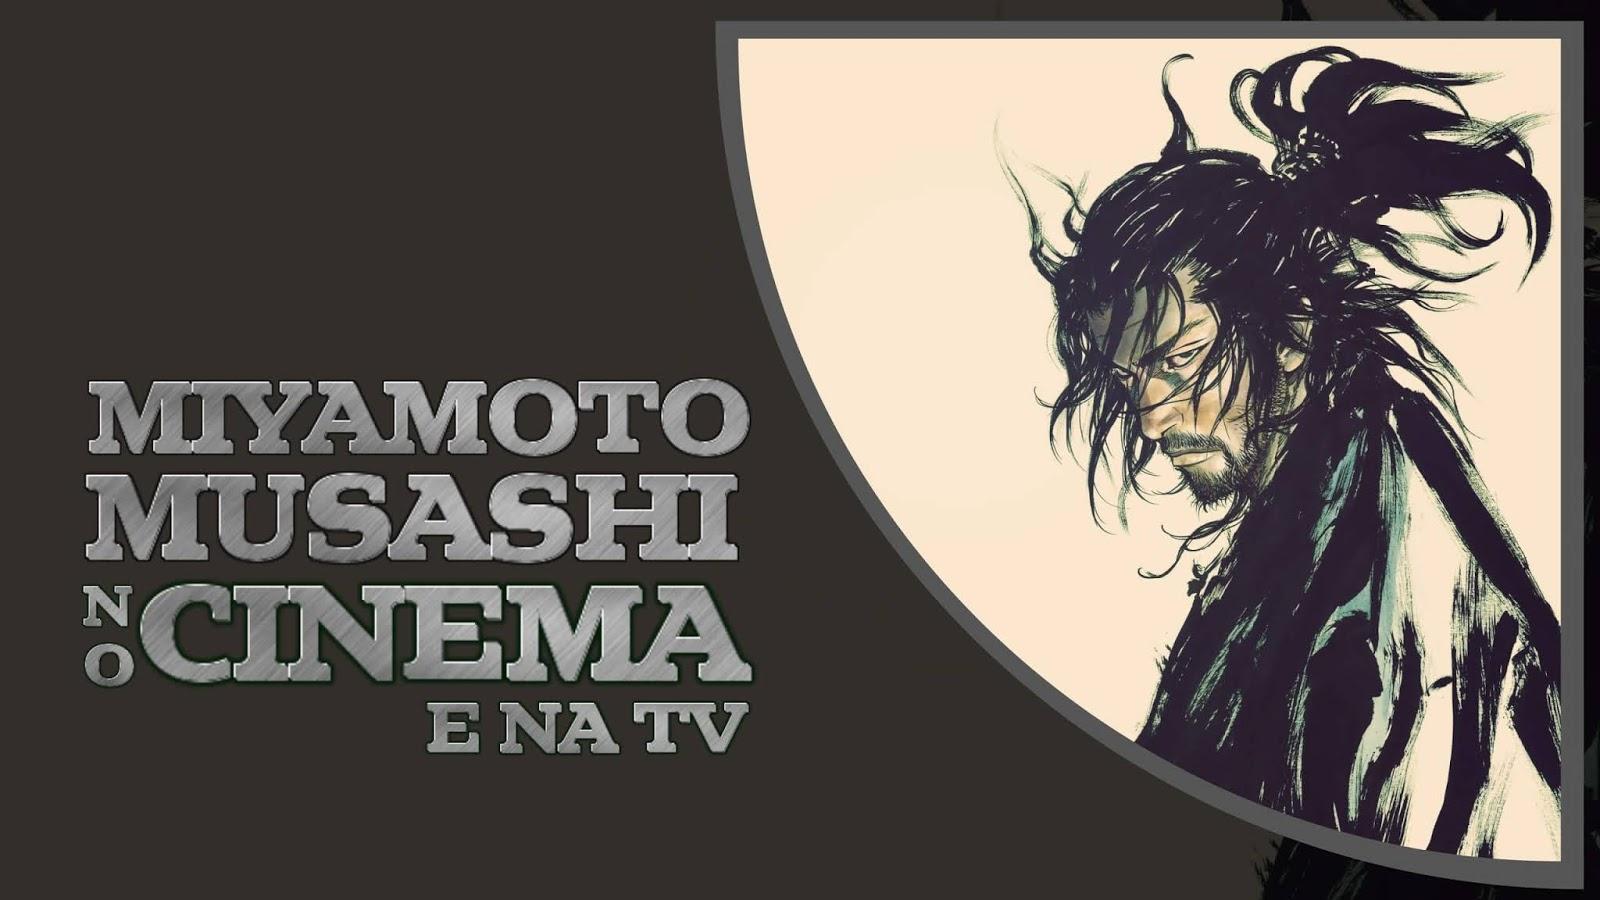 miyamoto-musashi-no-cinema-tv